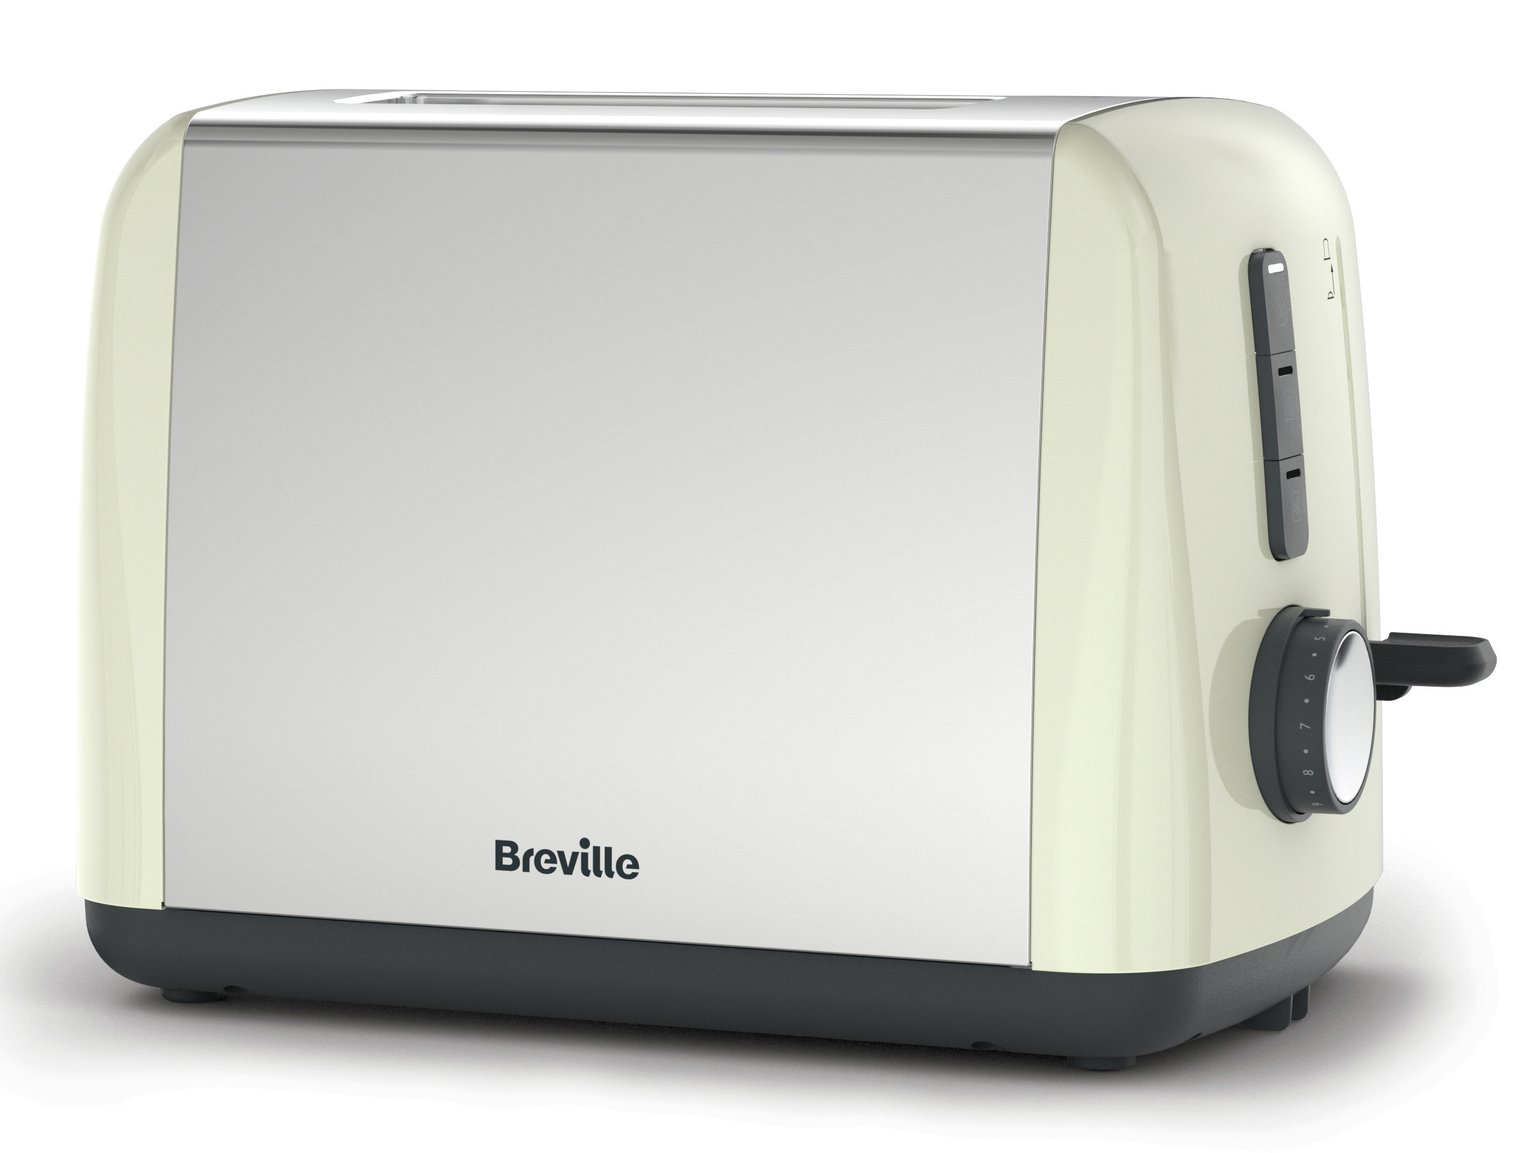 Breville ITT990 Stainless Steel 2 Slice Toaster - Cream